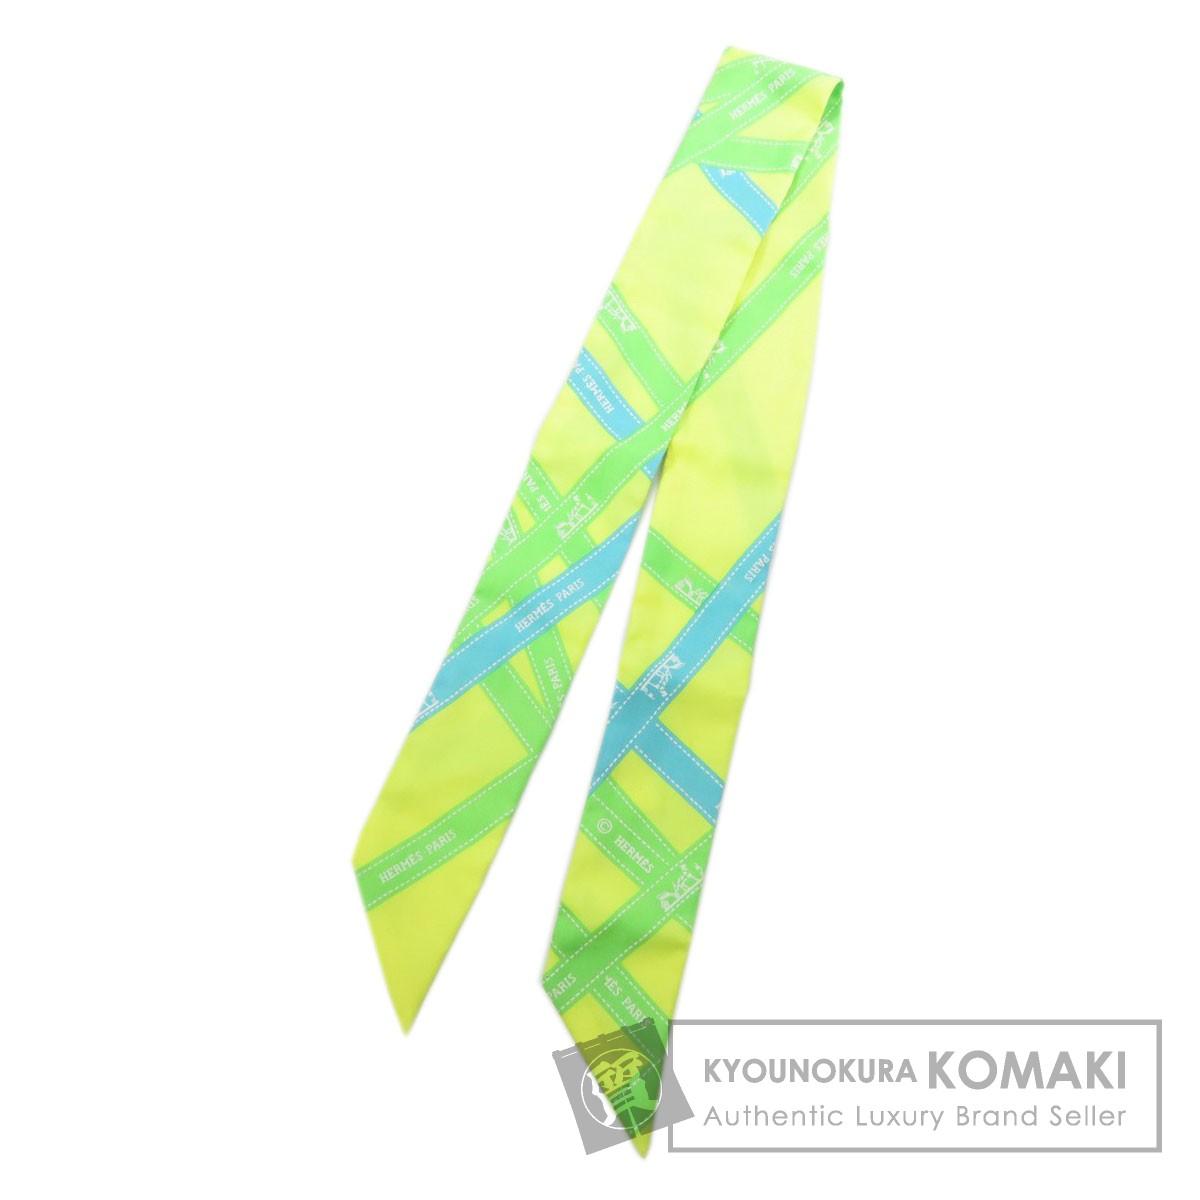 エルメス ツィリー スカーフ シルク レディース 【中古】【HERMES】